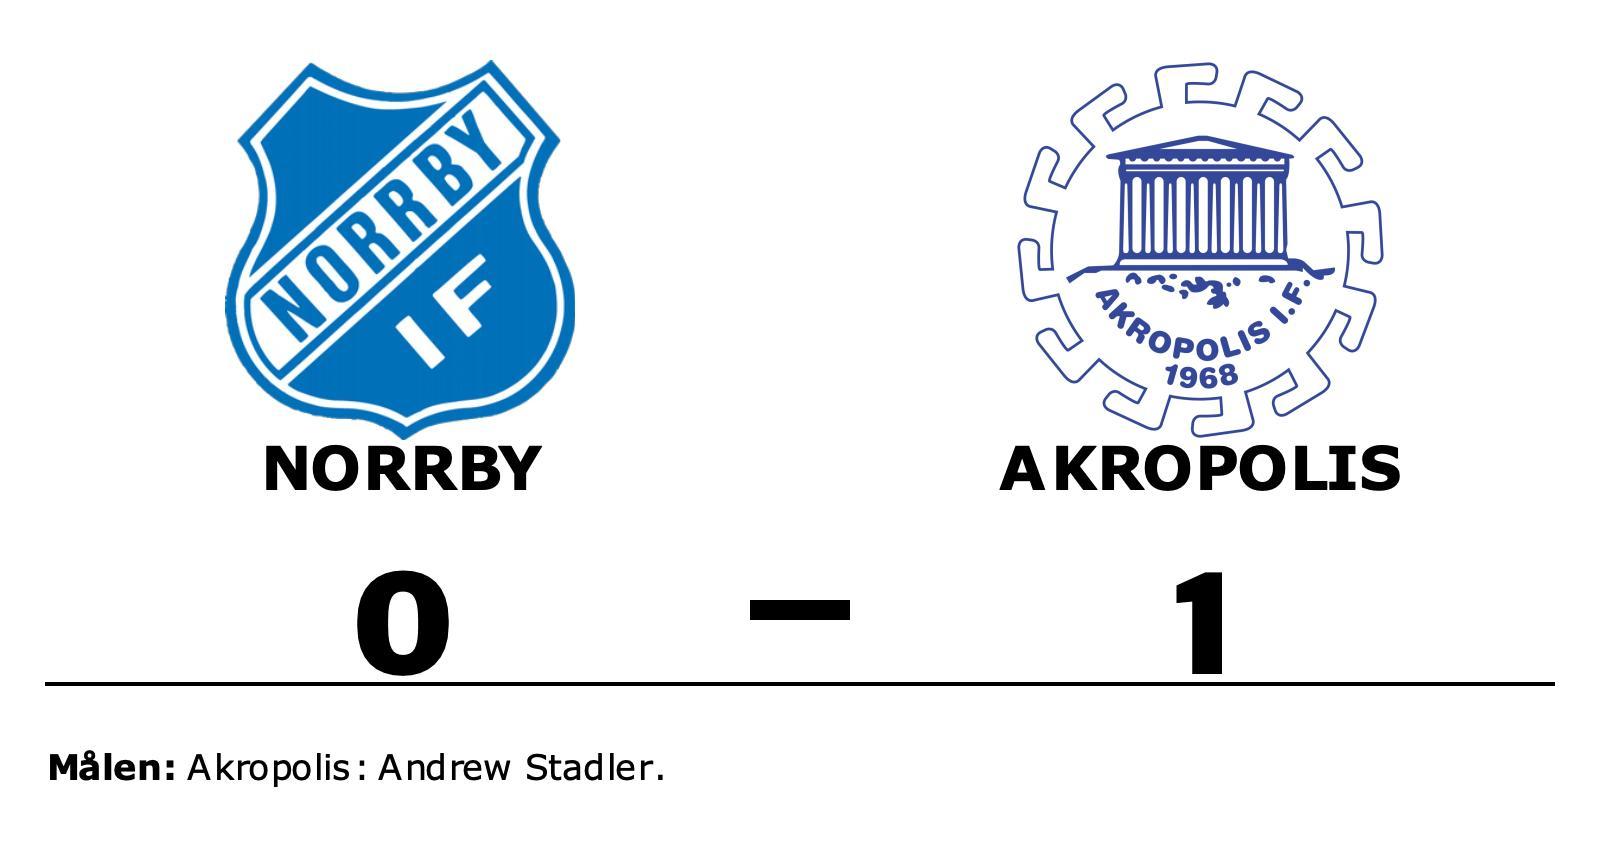 Andrew Stadler målskytt när Akropolis sänkte Norrby